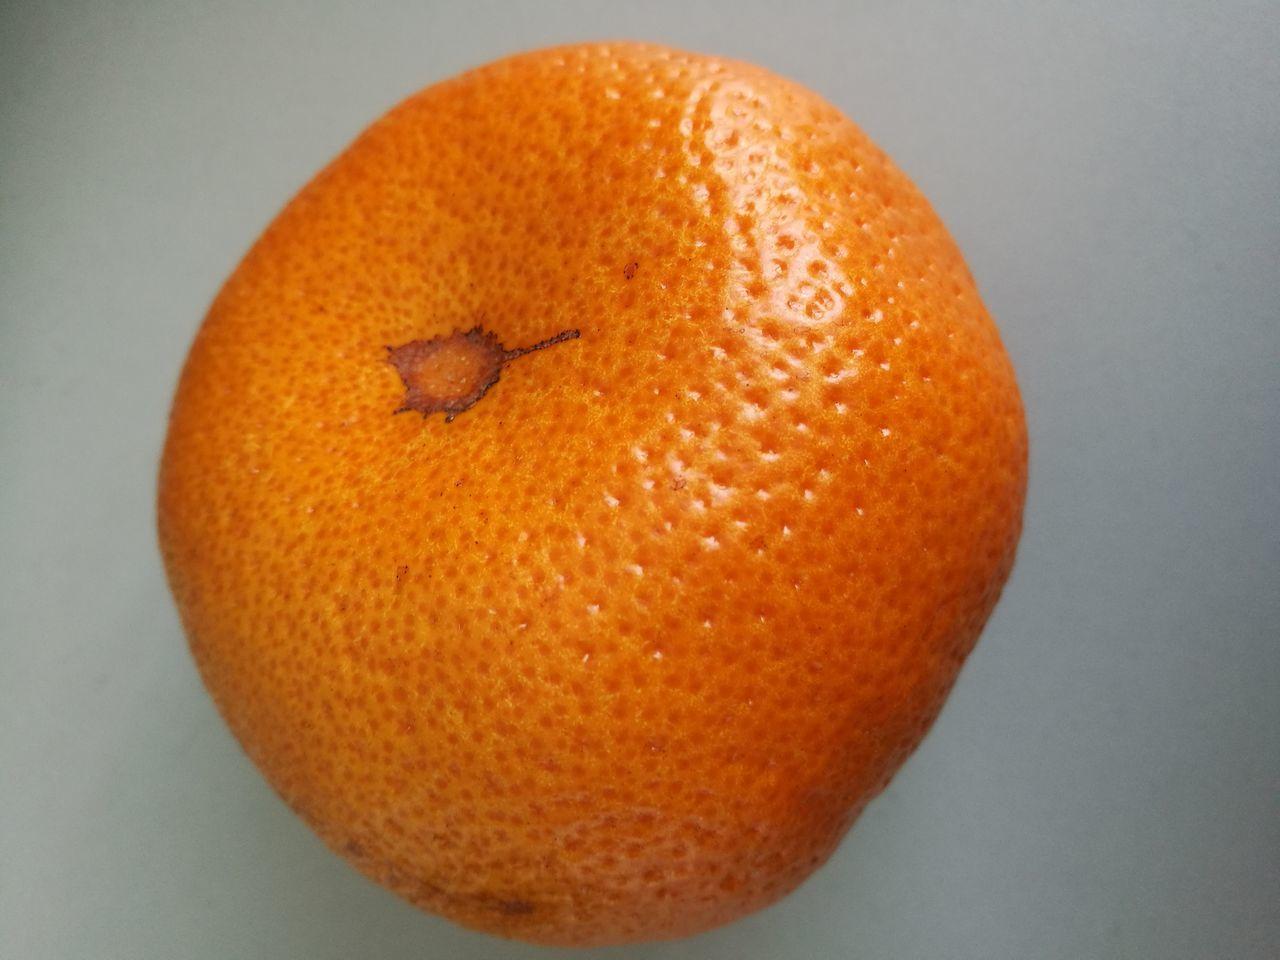 Close-Up Of Orange Fruit On White Background